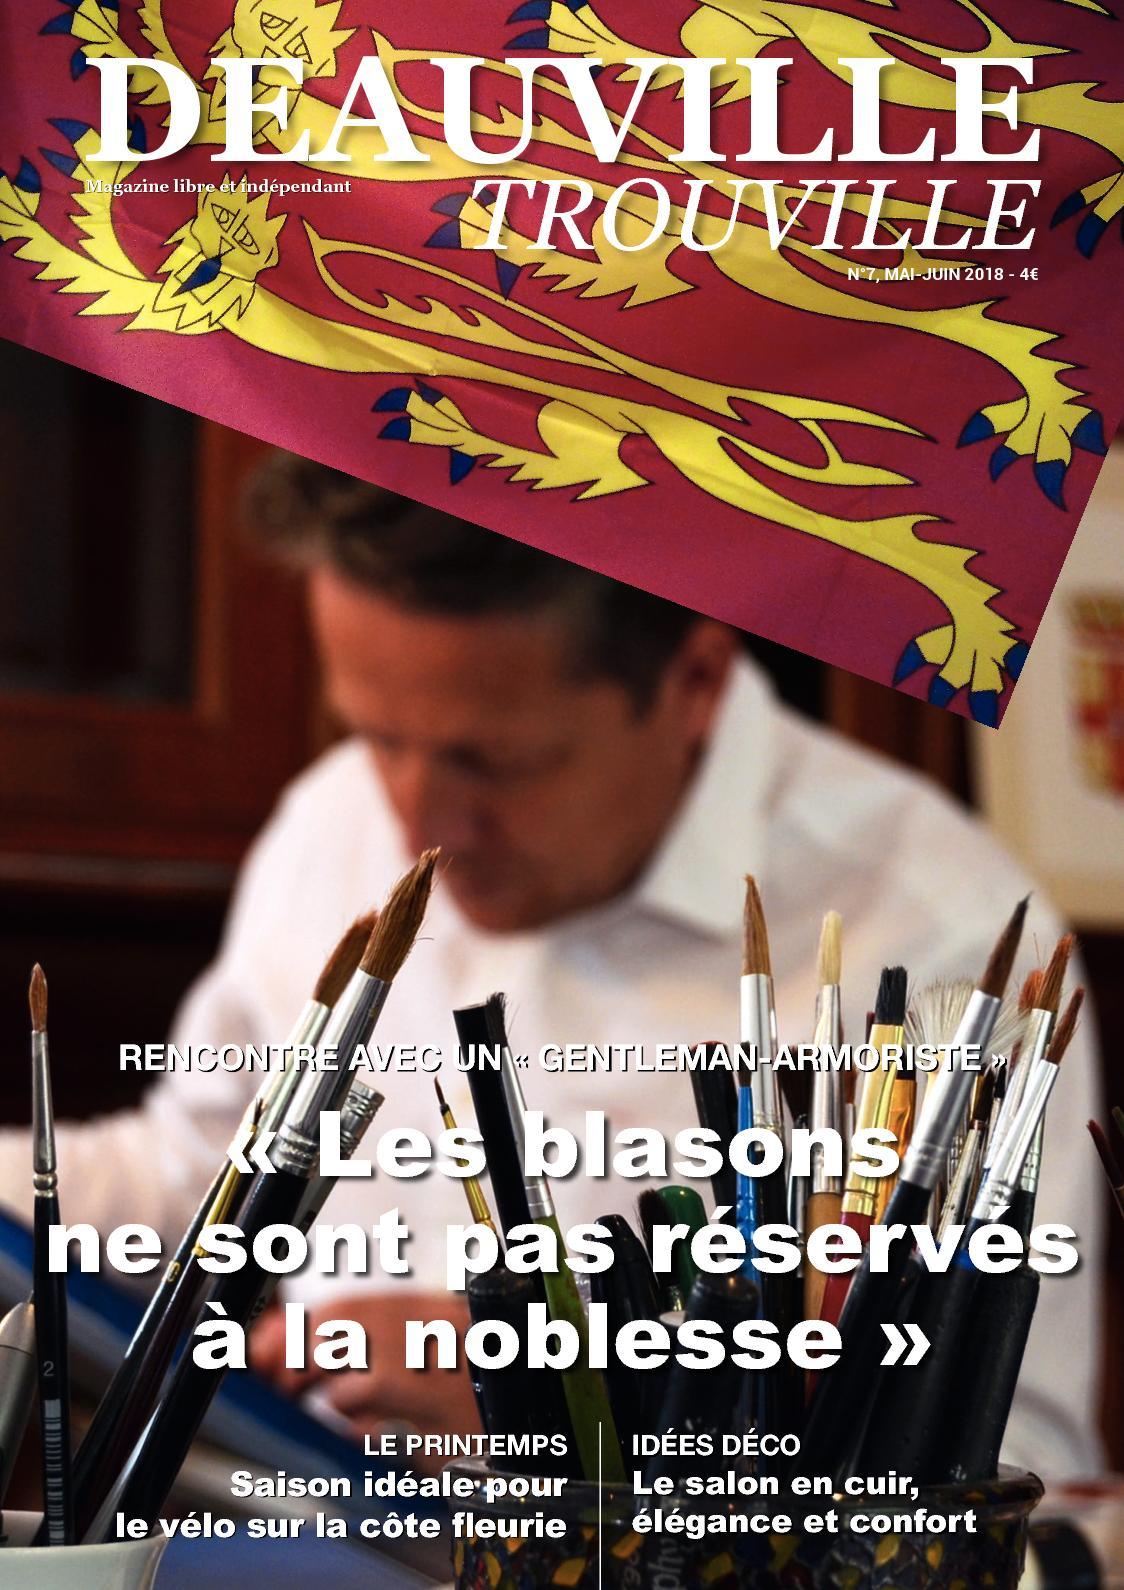 cb86417f0172 Calaméo - Deauville Trouville Magazine n°7 - mai-juin 2018